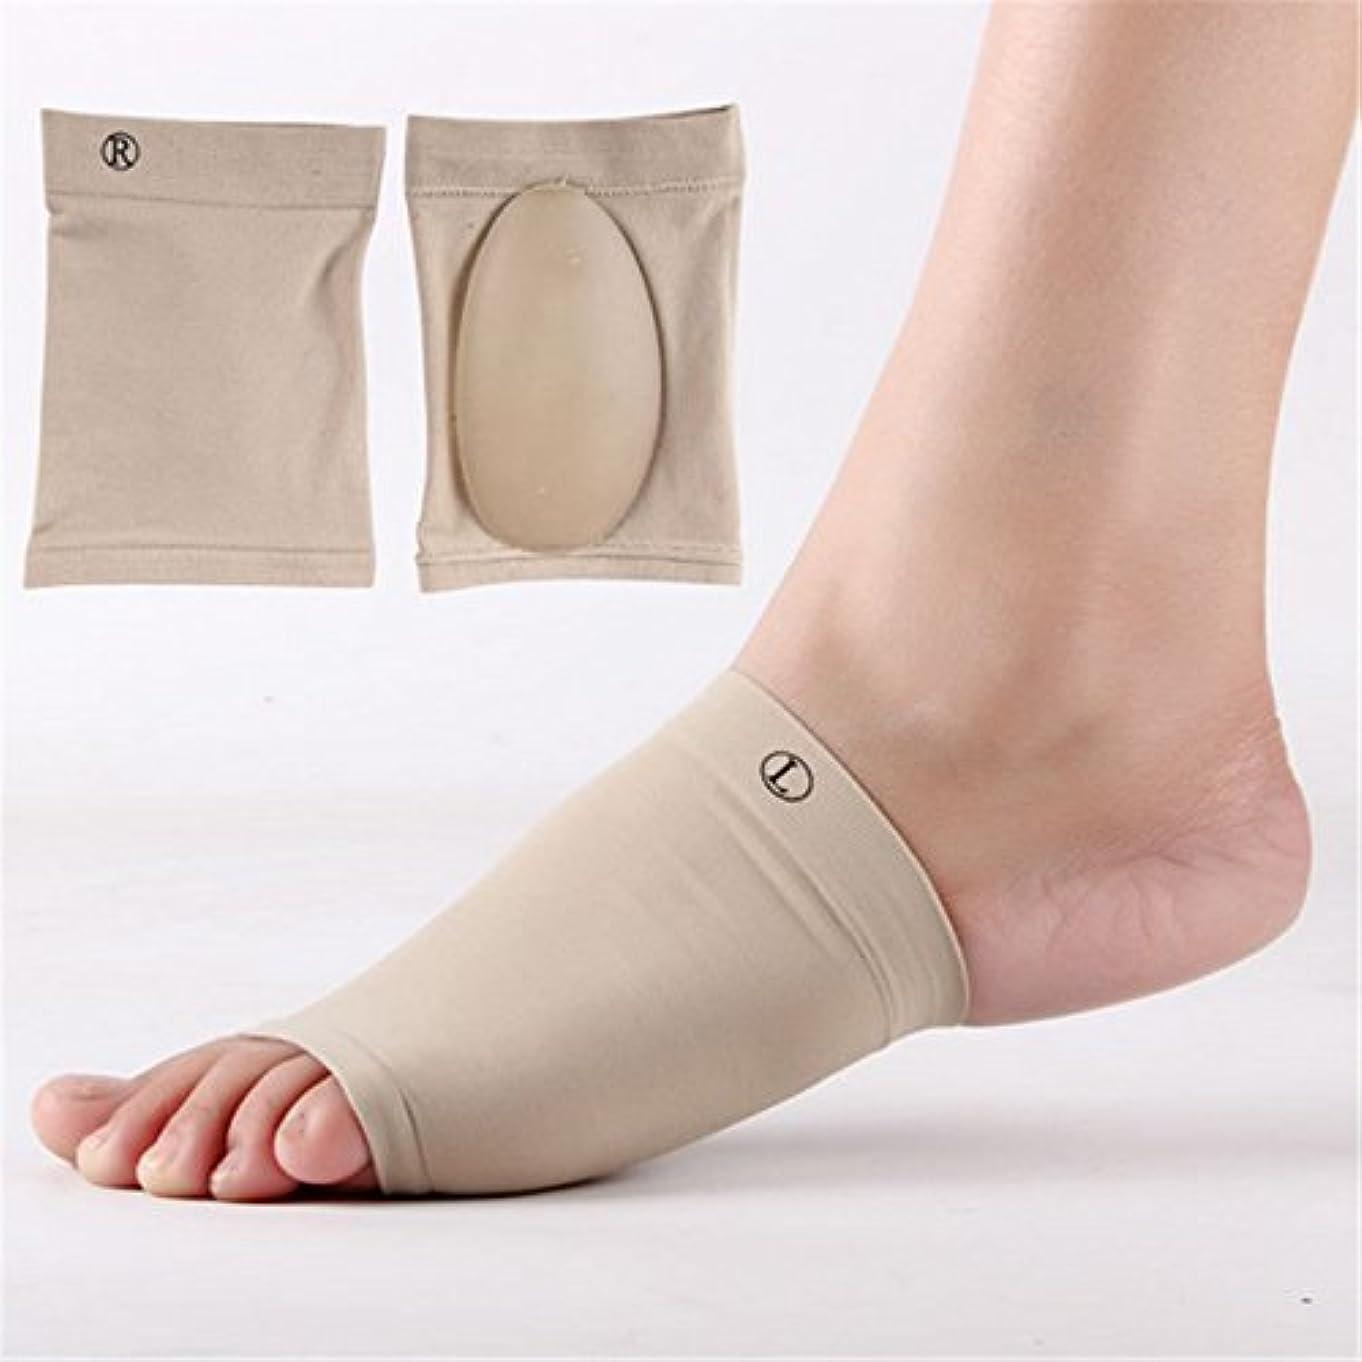 火星派生する後方にLorny(TM)1Pairジェル足底筋膜炎アーチサポートスリーブアーチソックスかかとクッションフラット足の整形外科靴パッドフットケア [並行輸入品]